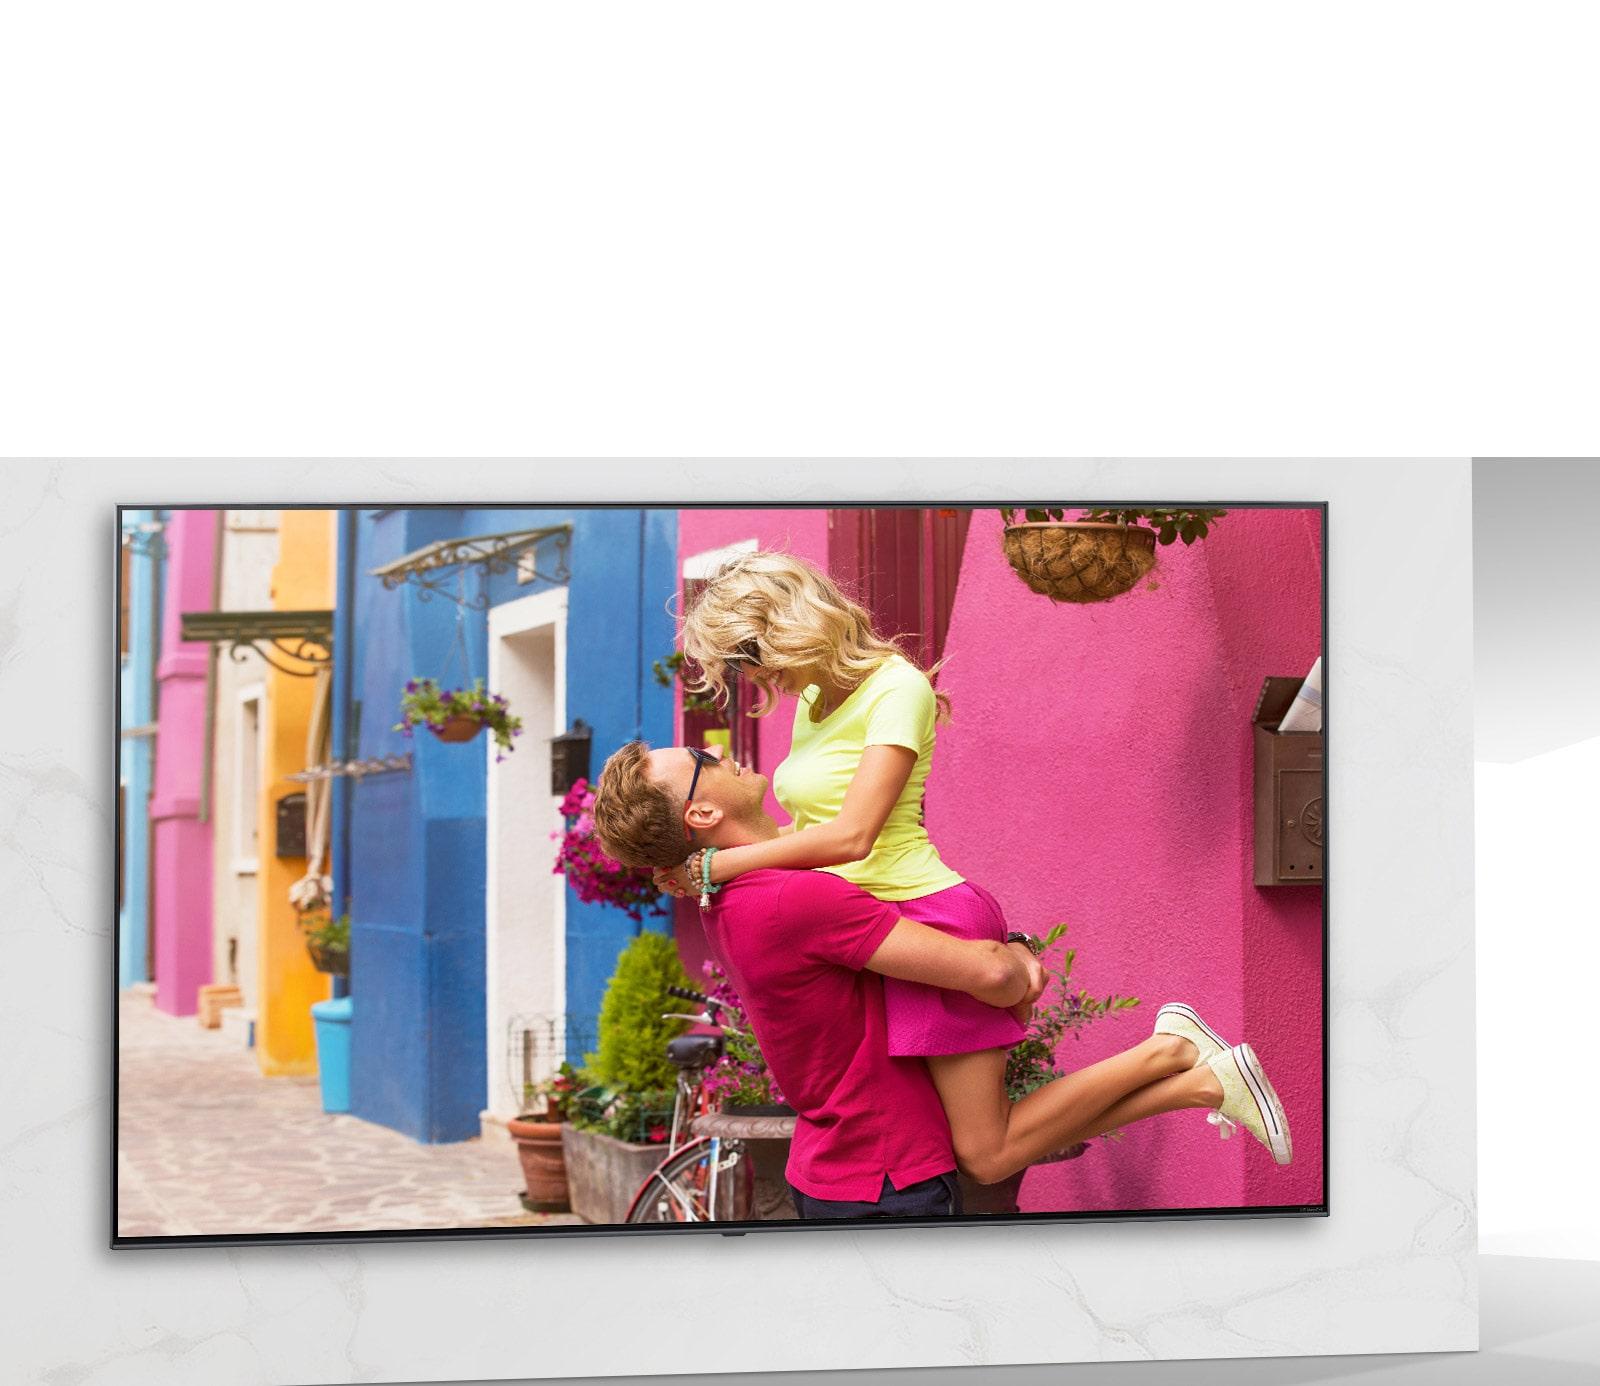 Kadın ve erkeklerin birbirine sarıldığı romantik bir renkli film sahnesini gösteren TV ekranı.